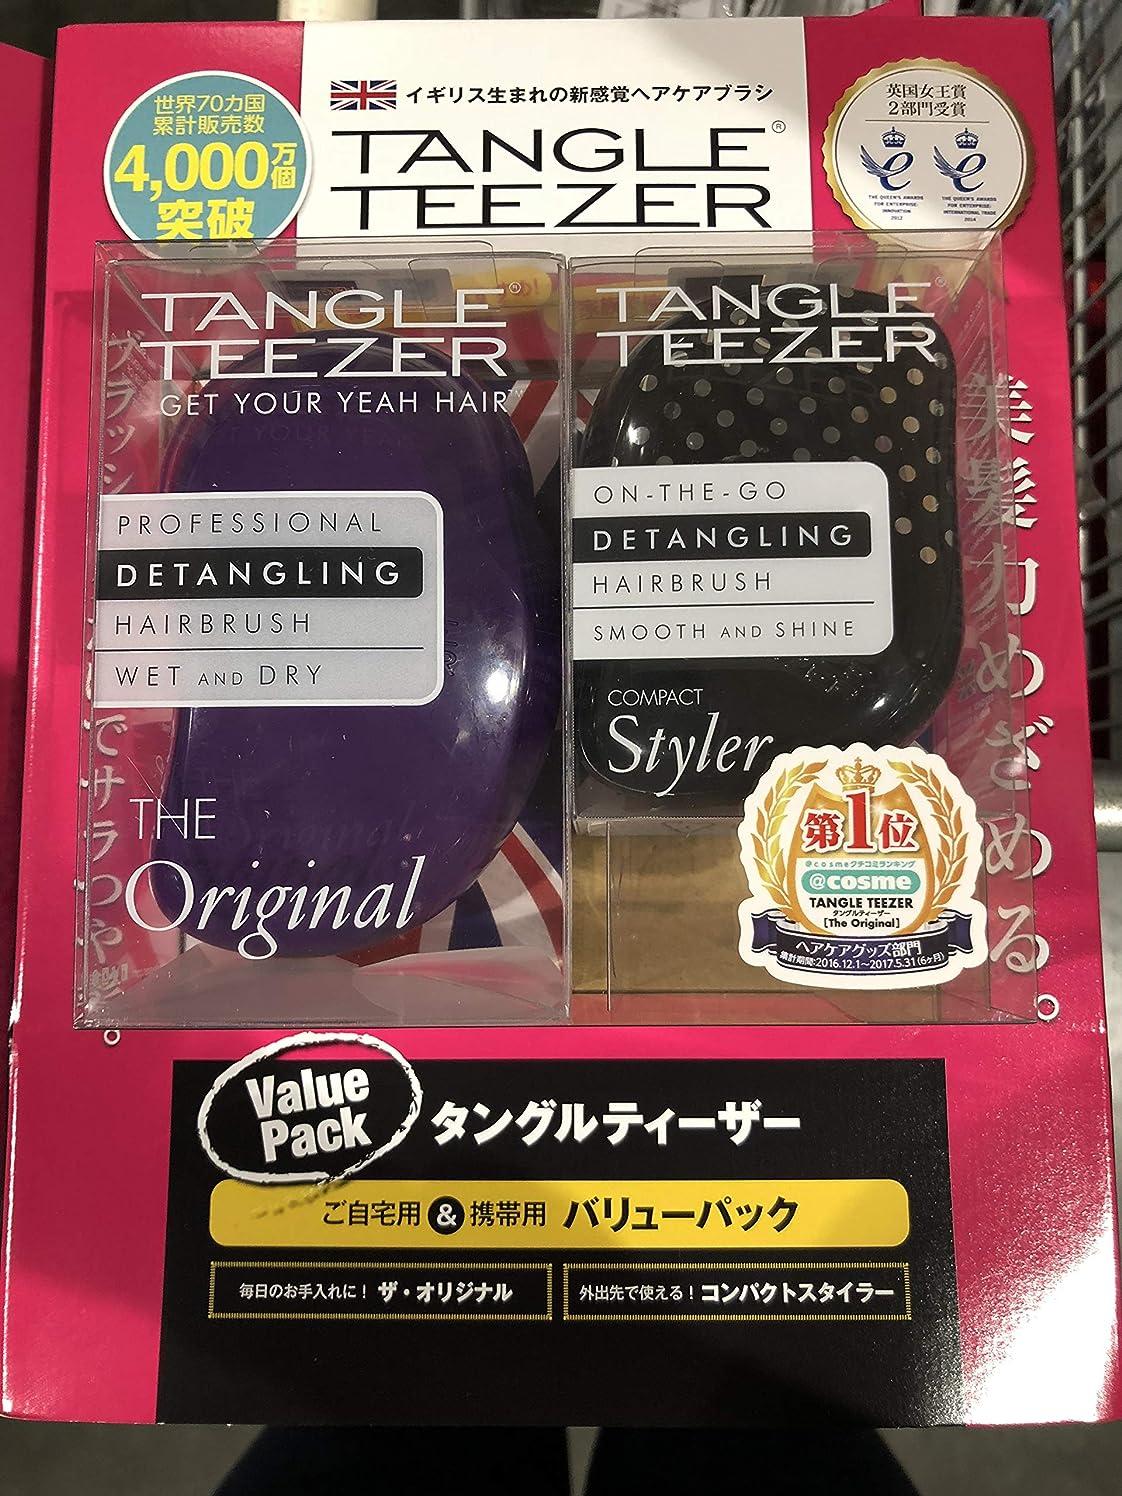 後方公使館集団TANGLE TEEZER タングルティーザー 自宅用&携帯用 バリューパック 紫&黒ドット